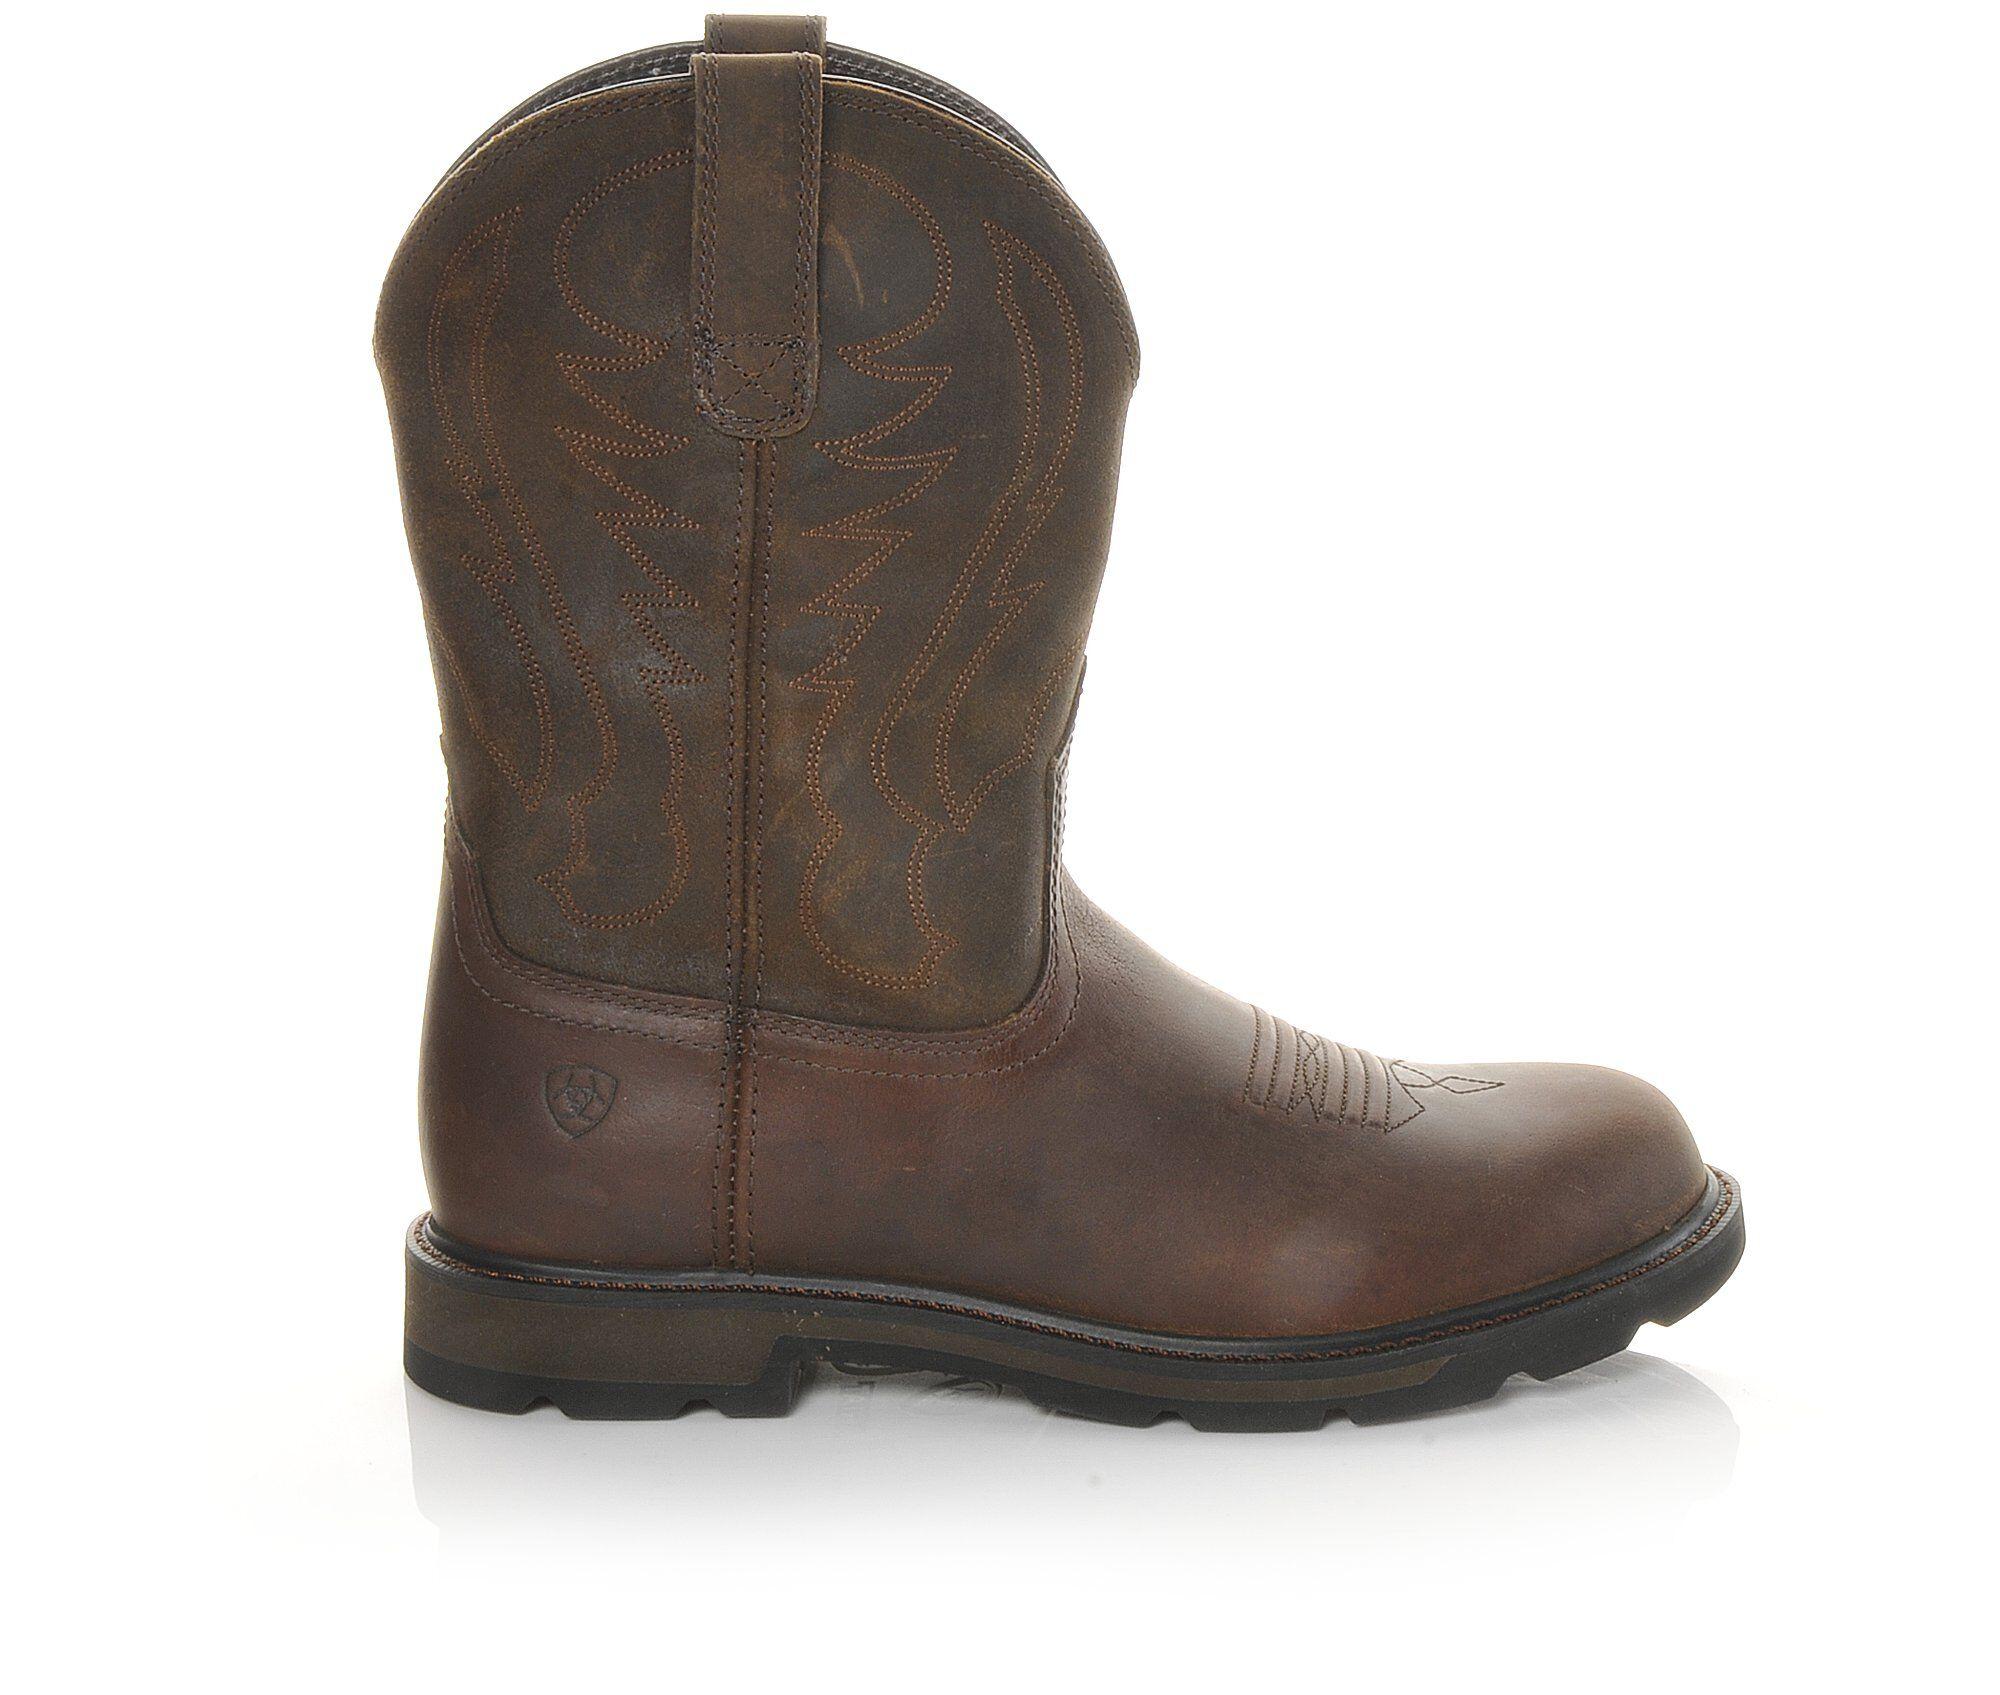 Men's Ariat Groundbreaker Work Boots Brown